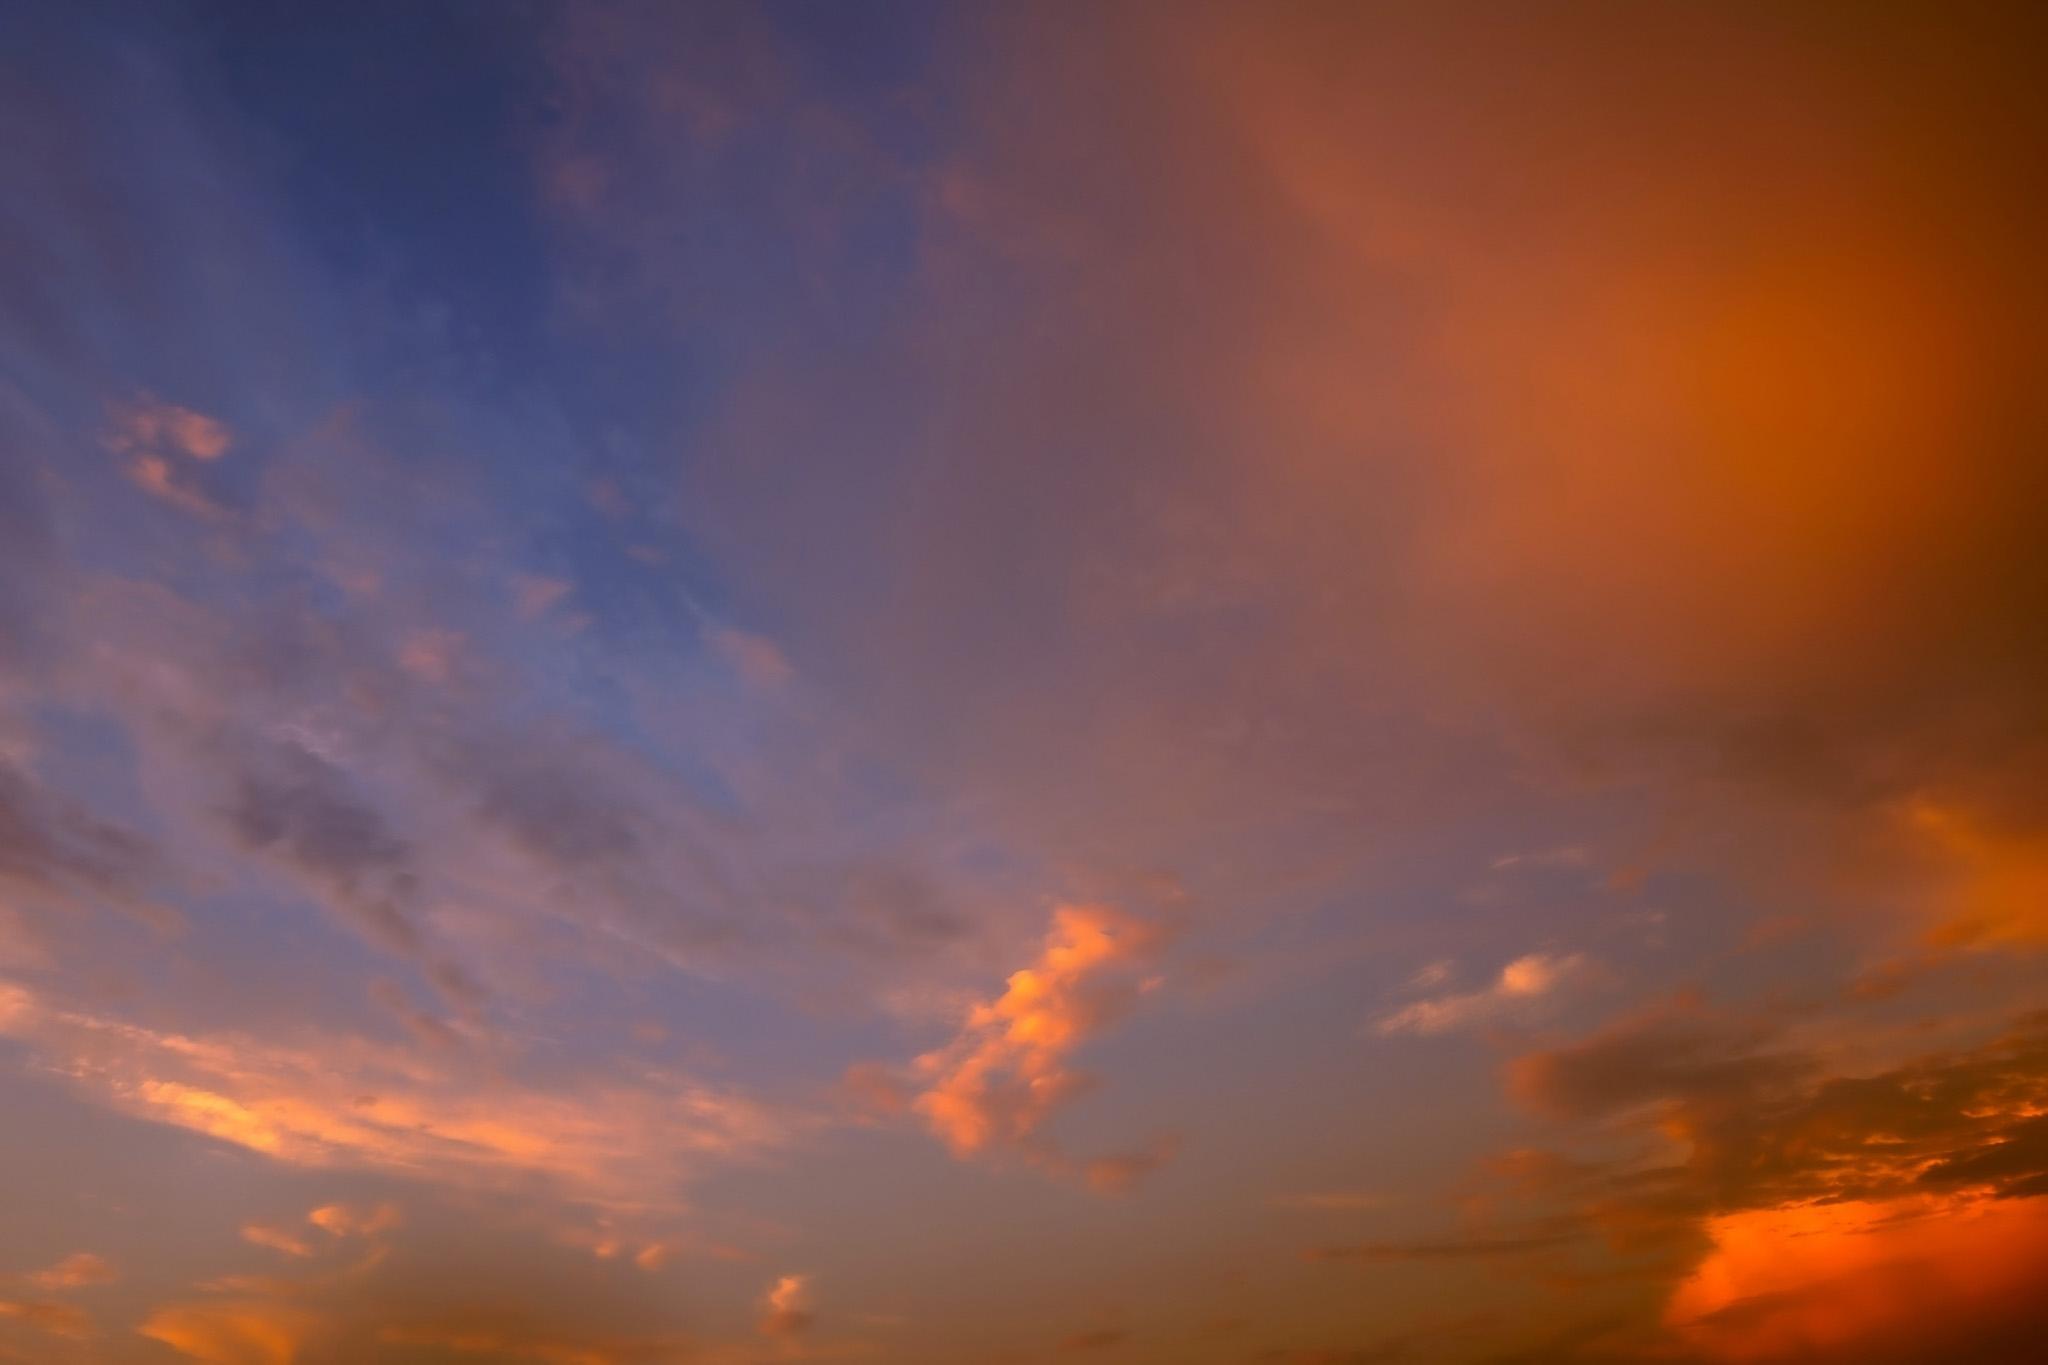 「夕焼け雲が濃紺の空に映える」の素材を無料ダウンロード